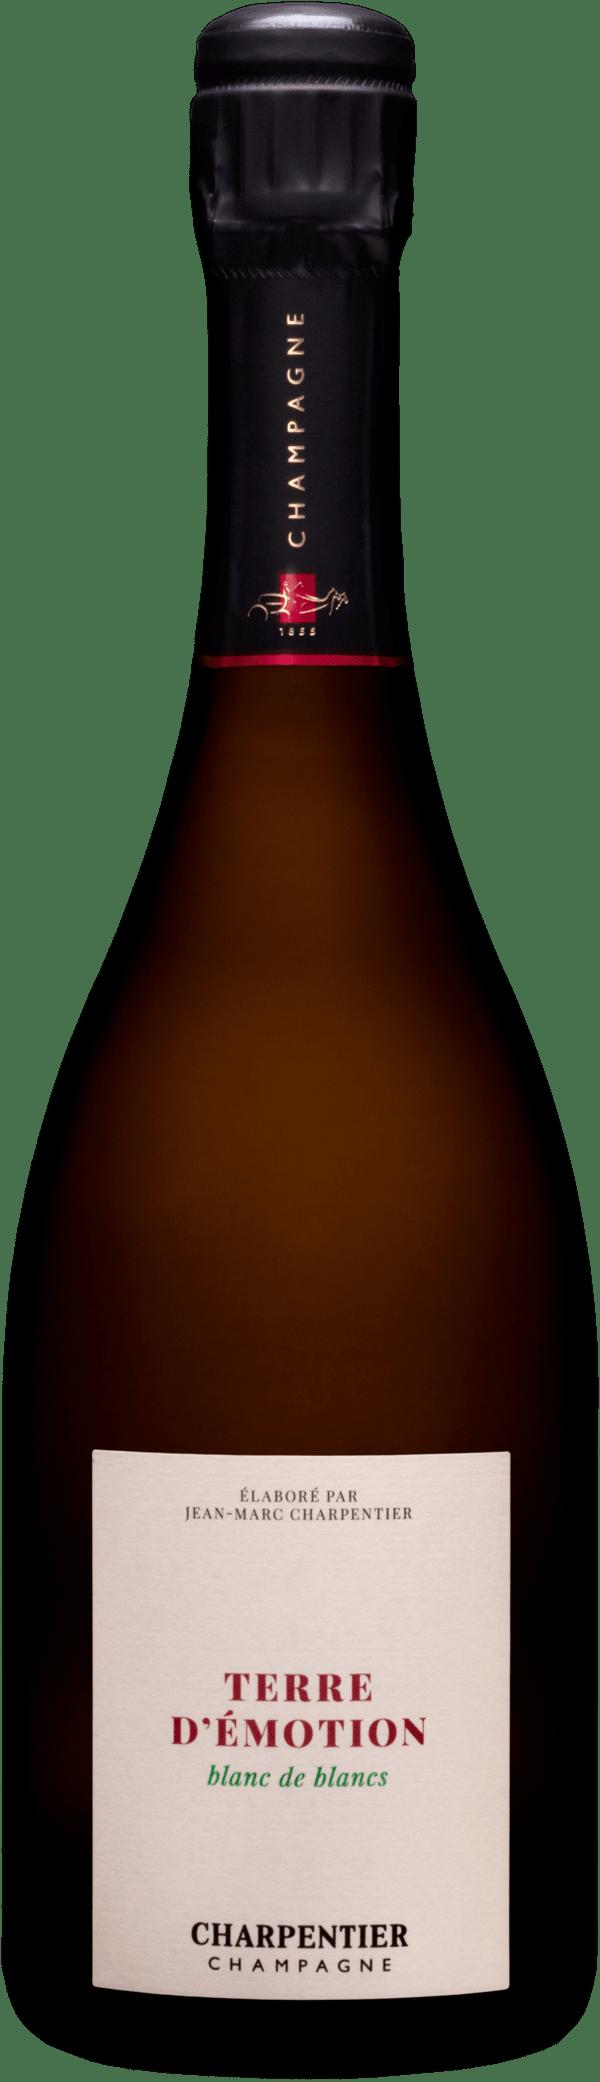 Champagne Charpentier Terre d'Émotion blanc de blancs